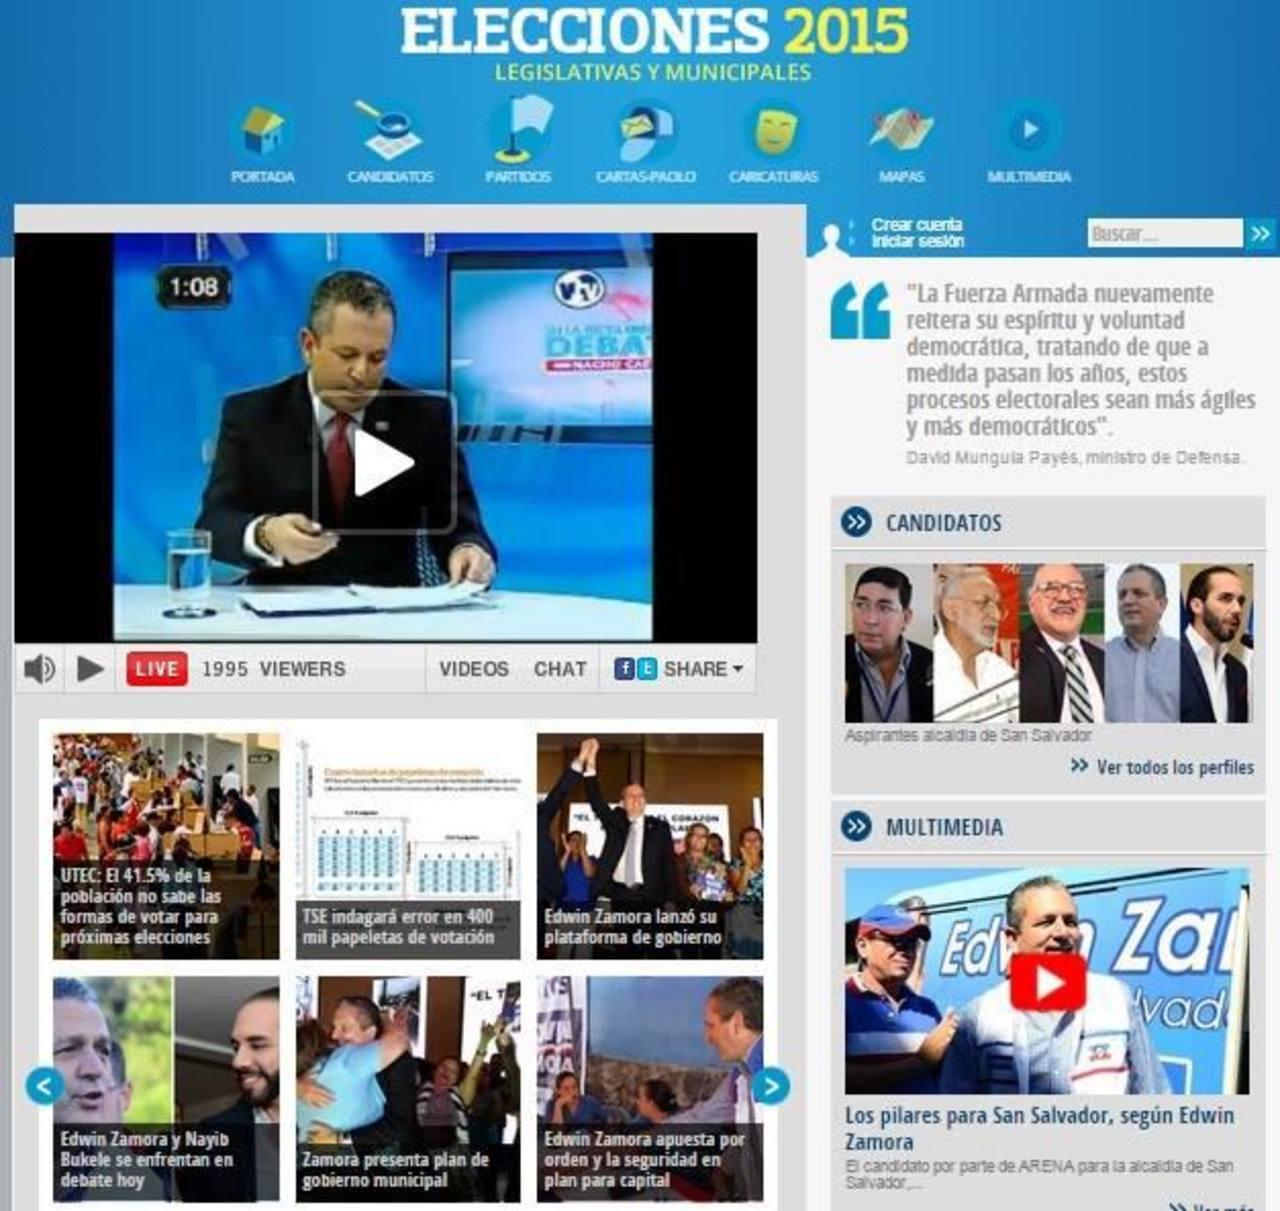 Imágenes del debate televisivo entre los contrincantes por la comuna capitalina que fue muy seguido en redes sociales y a través de elsalvador.com.